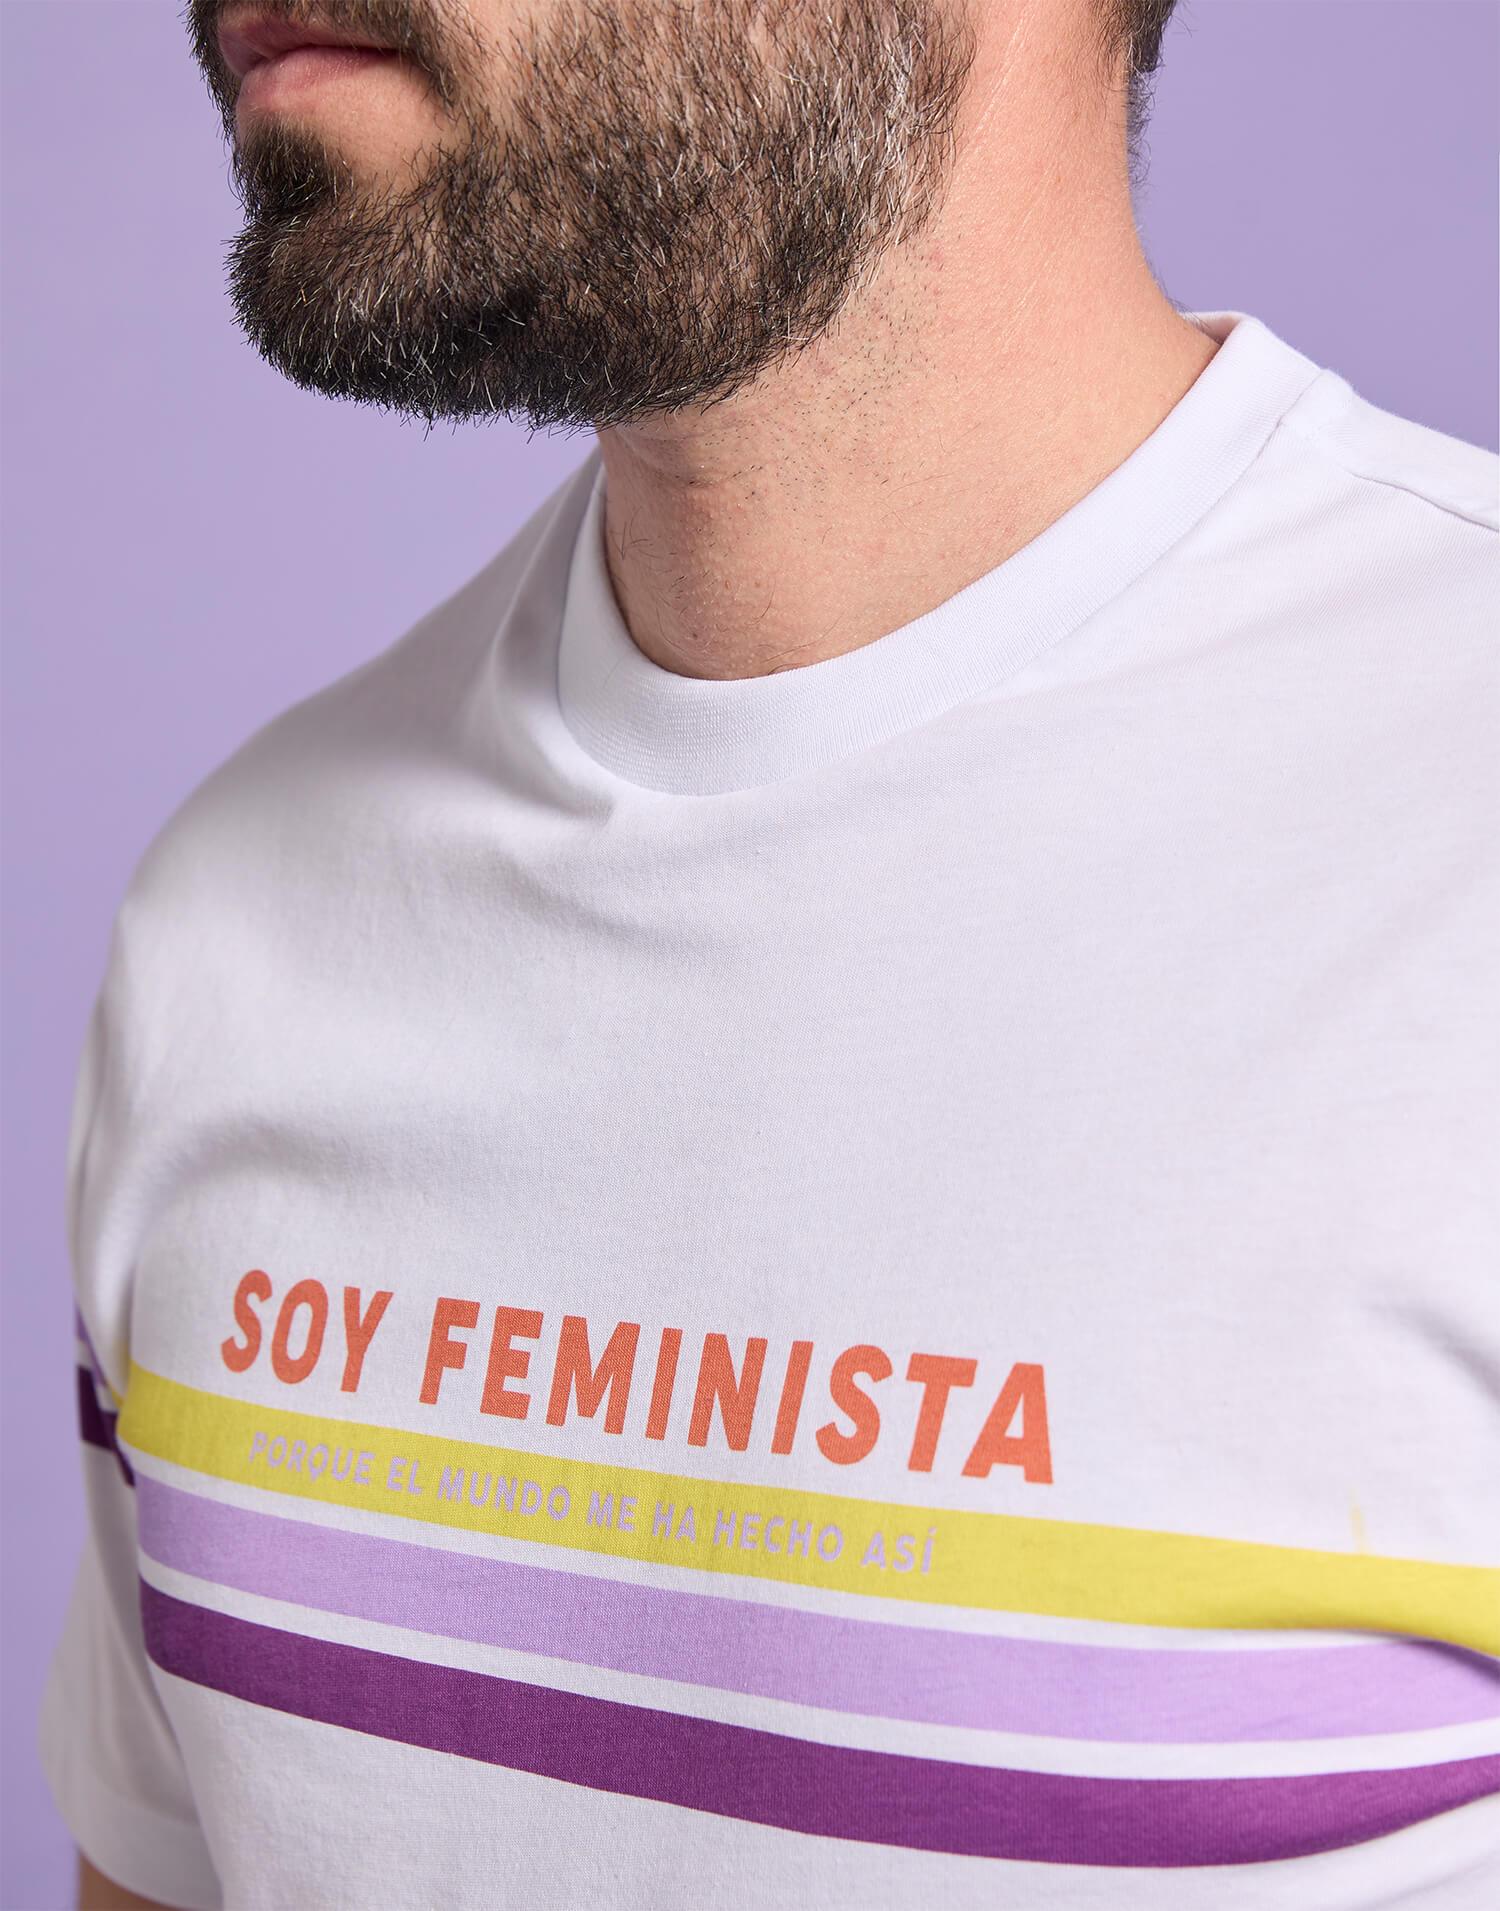 Camiseta hombre'Soy feminista porque el mundo me hizo así'